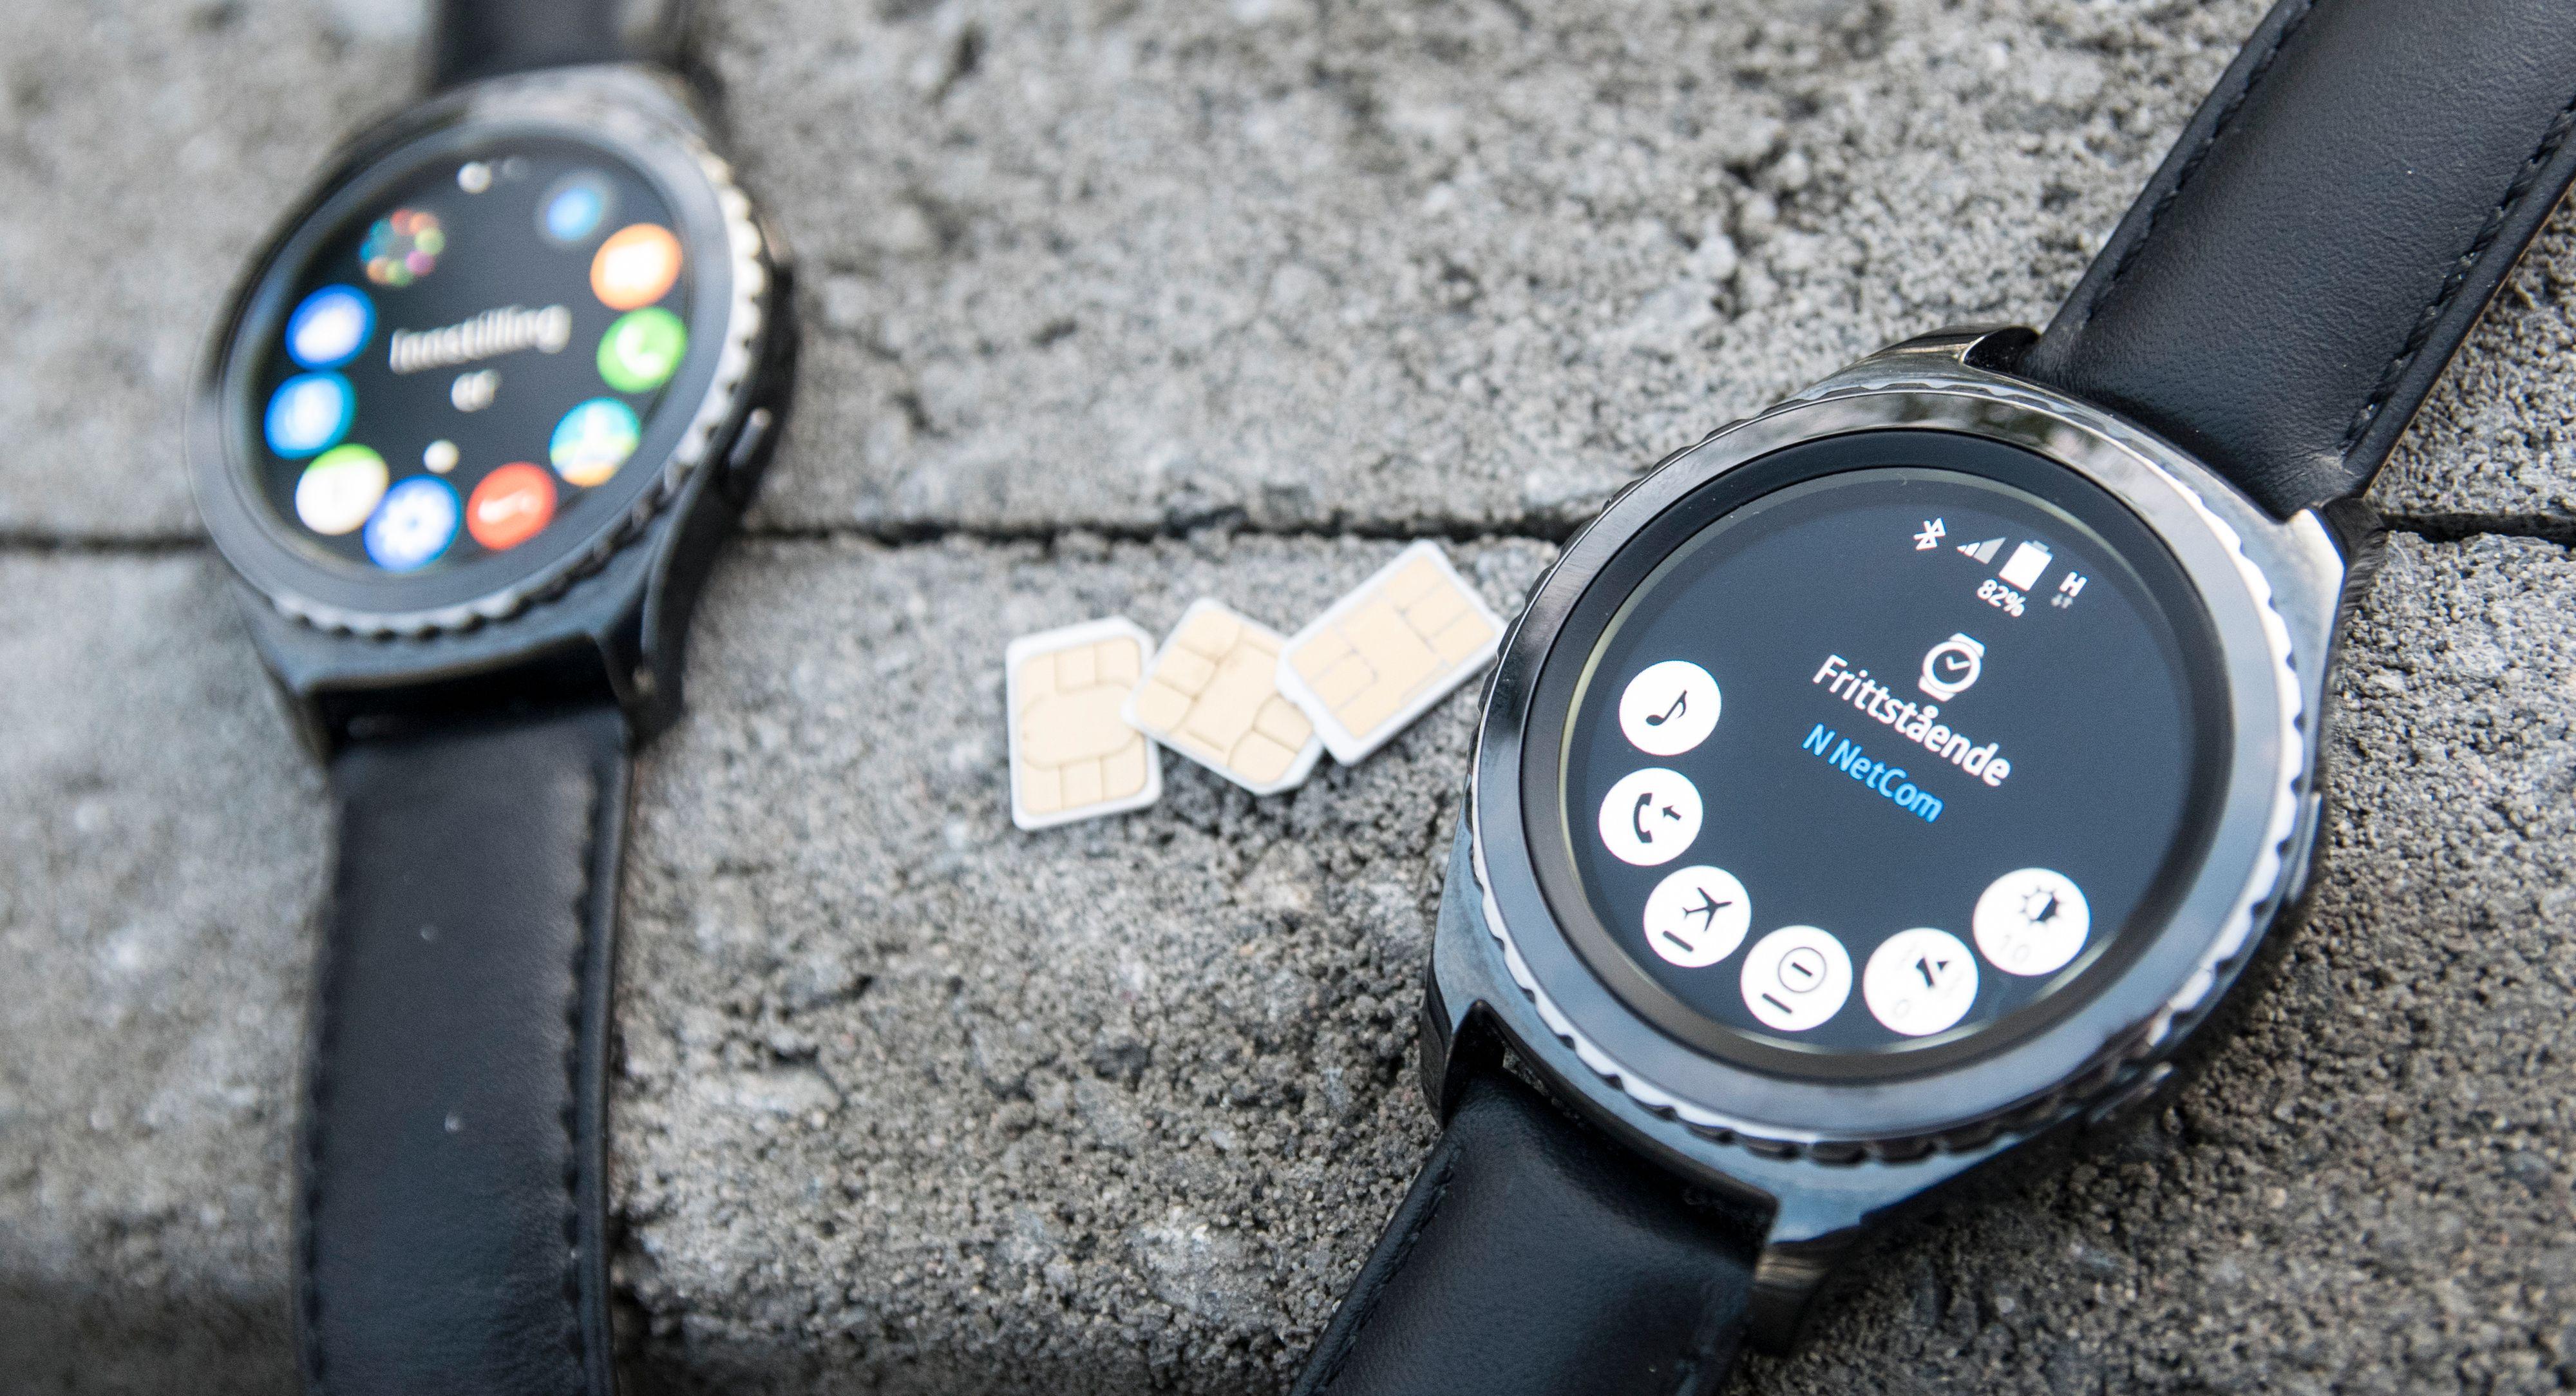 Med Samsung Gear S2 3G trenger du ikke tenke på SIM-kort. Bilde: Finn Jarle Kvalheim, Tek.no